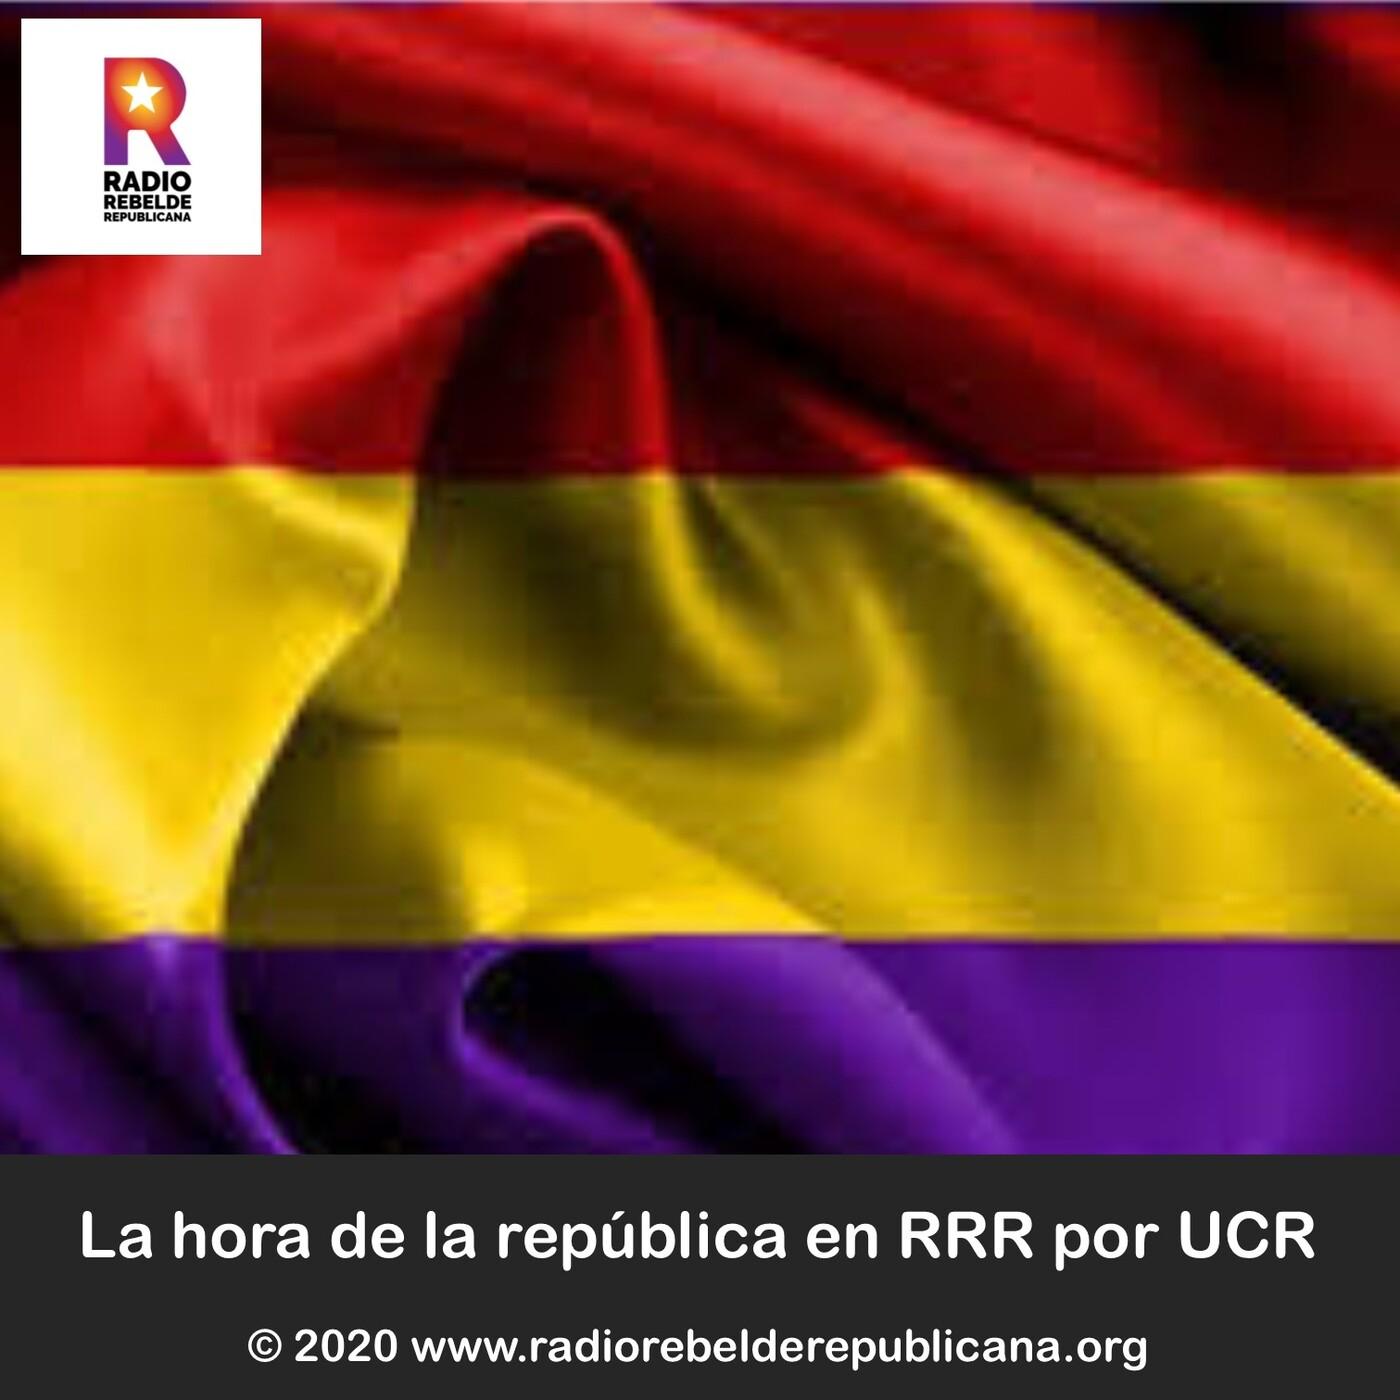 La hora de la República por UCR en RRR 29.09.2020